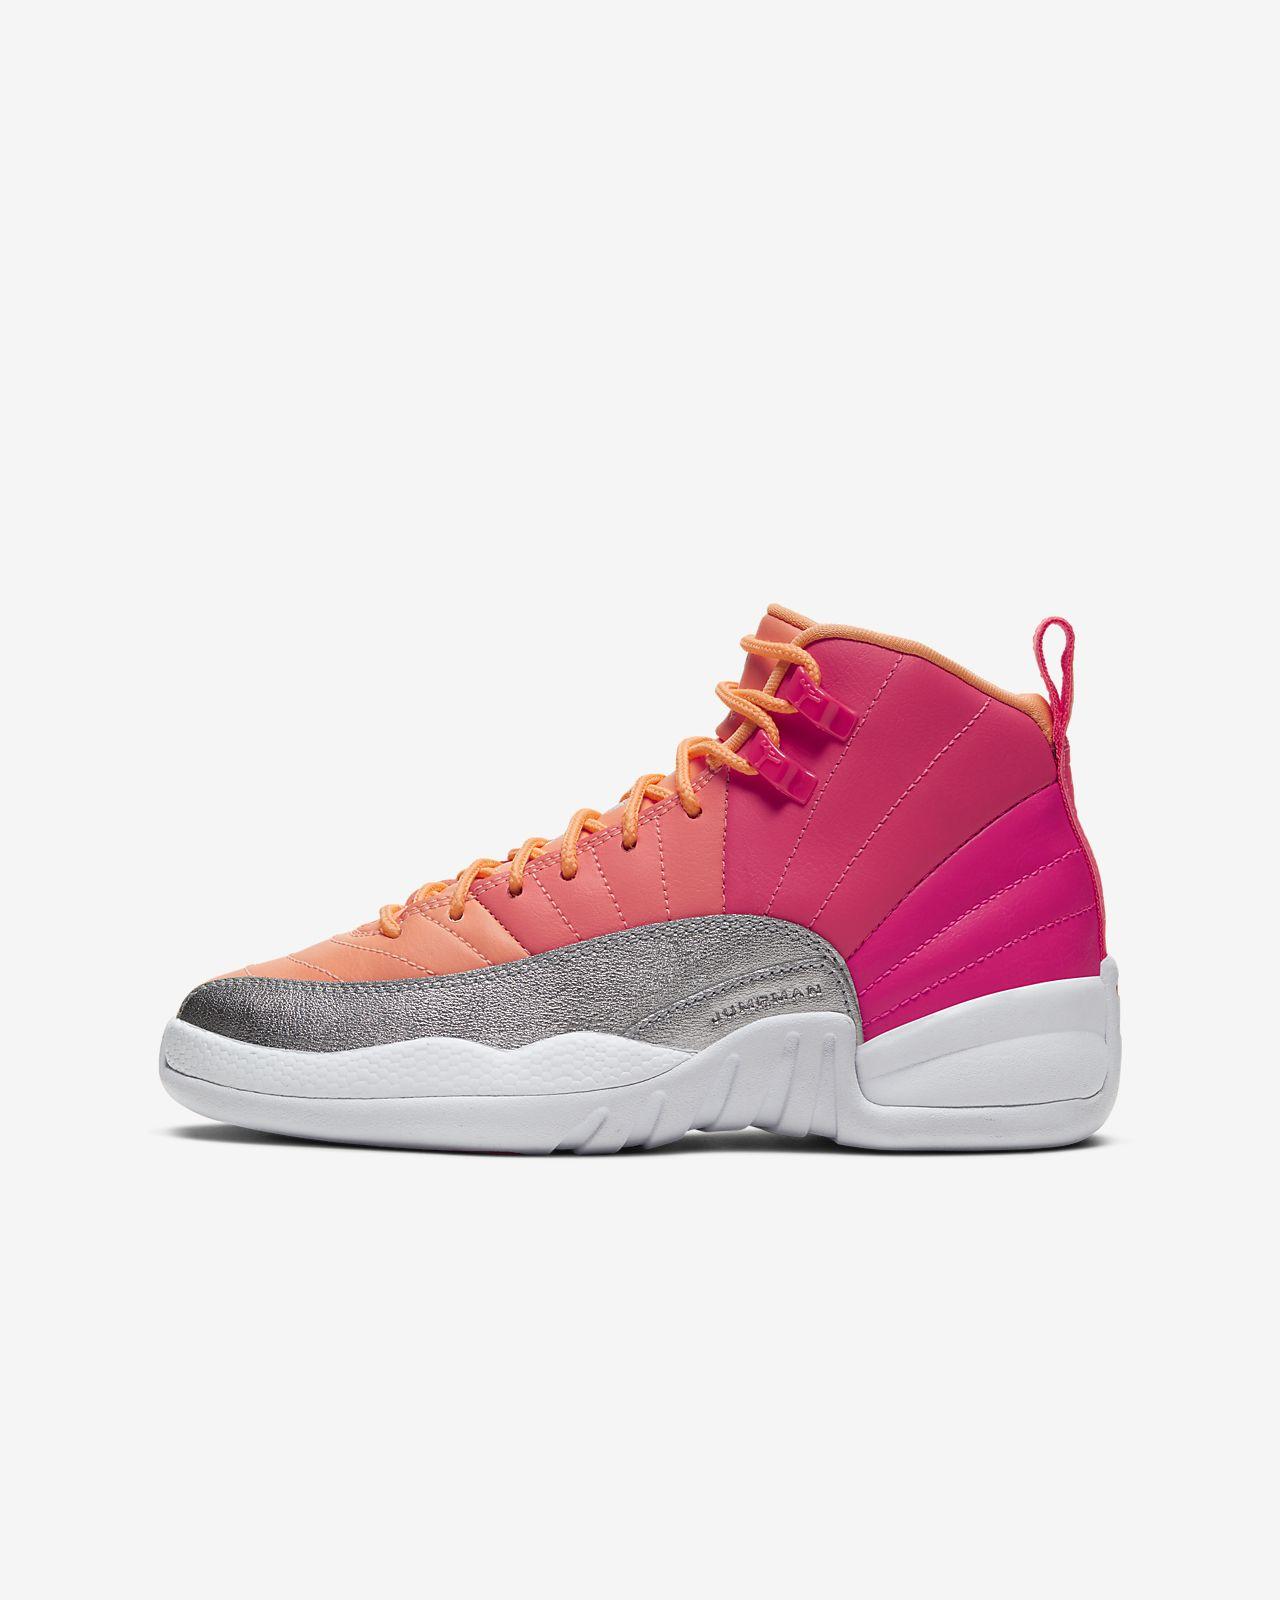 Jordan cipőcsatlakozás